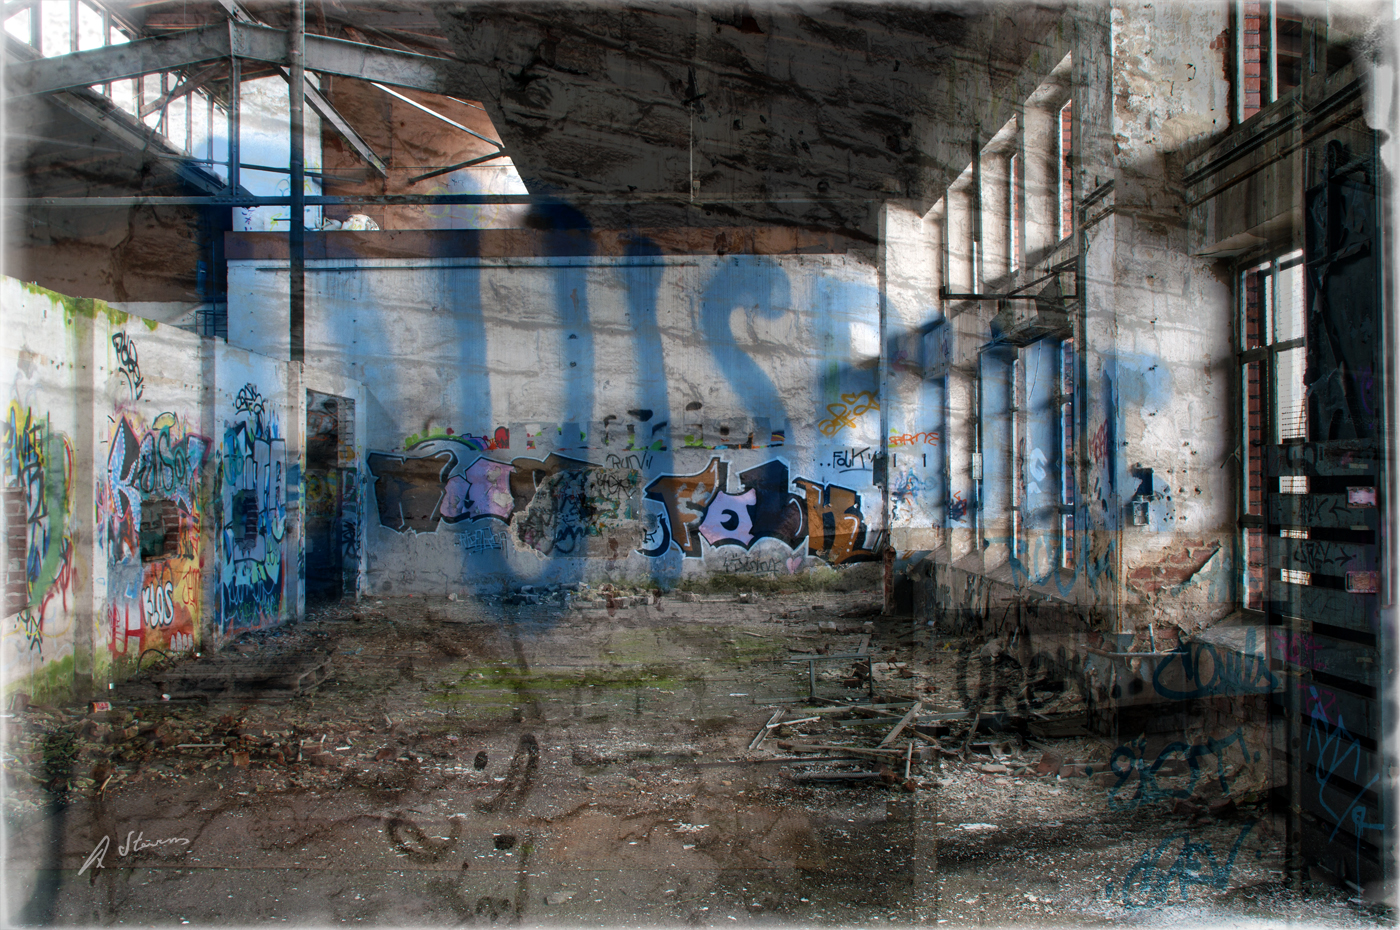 Lagerhalle alter Güterbahnhof Duisburg